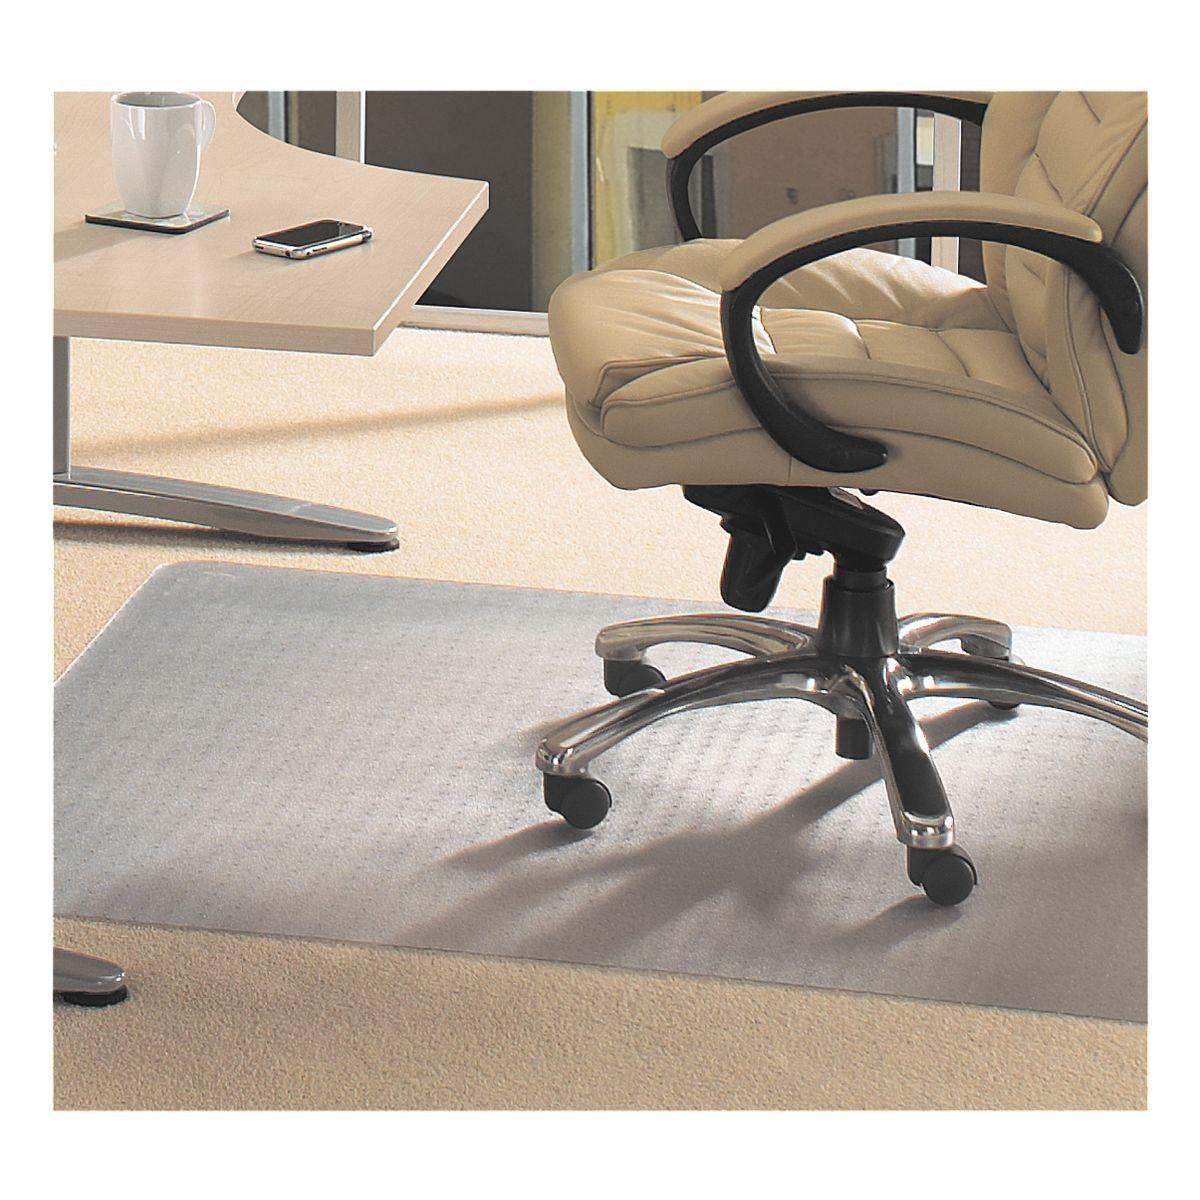 Floortex Bodenschutzmatte »Evolutionmat« - broschei